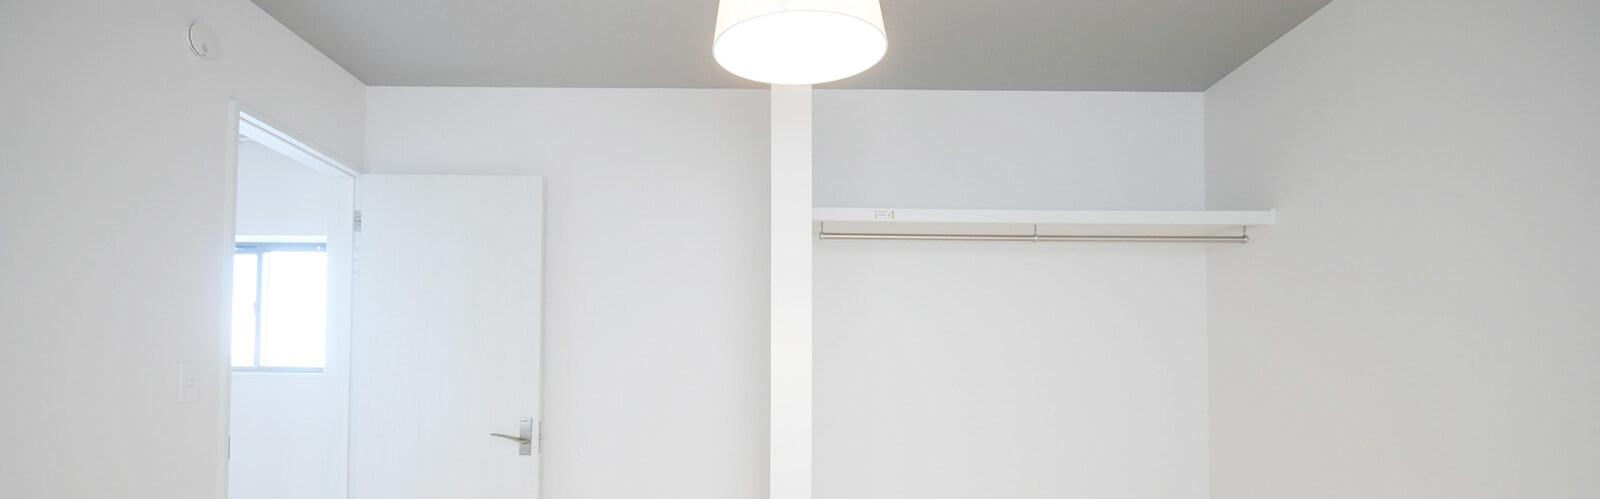 リノベーション RENOVATION|八戸市の工務店リフォーム工事のグリーンホームズ